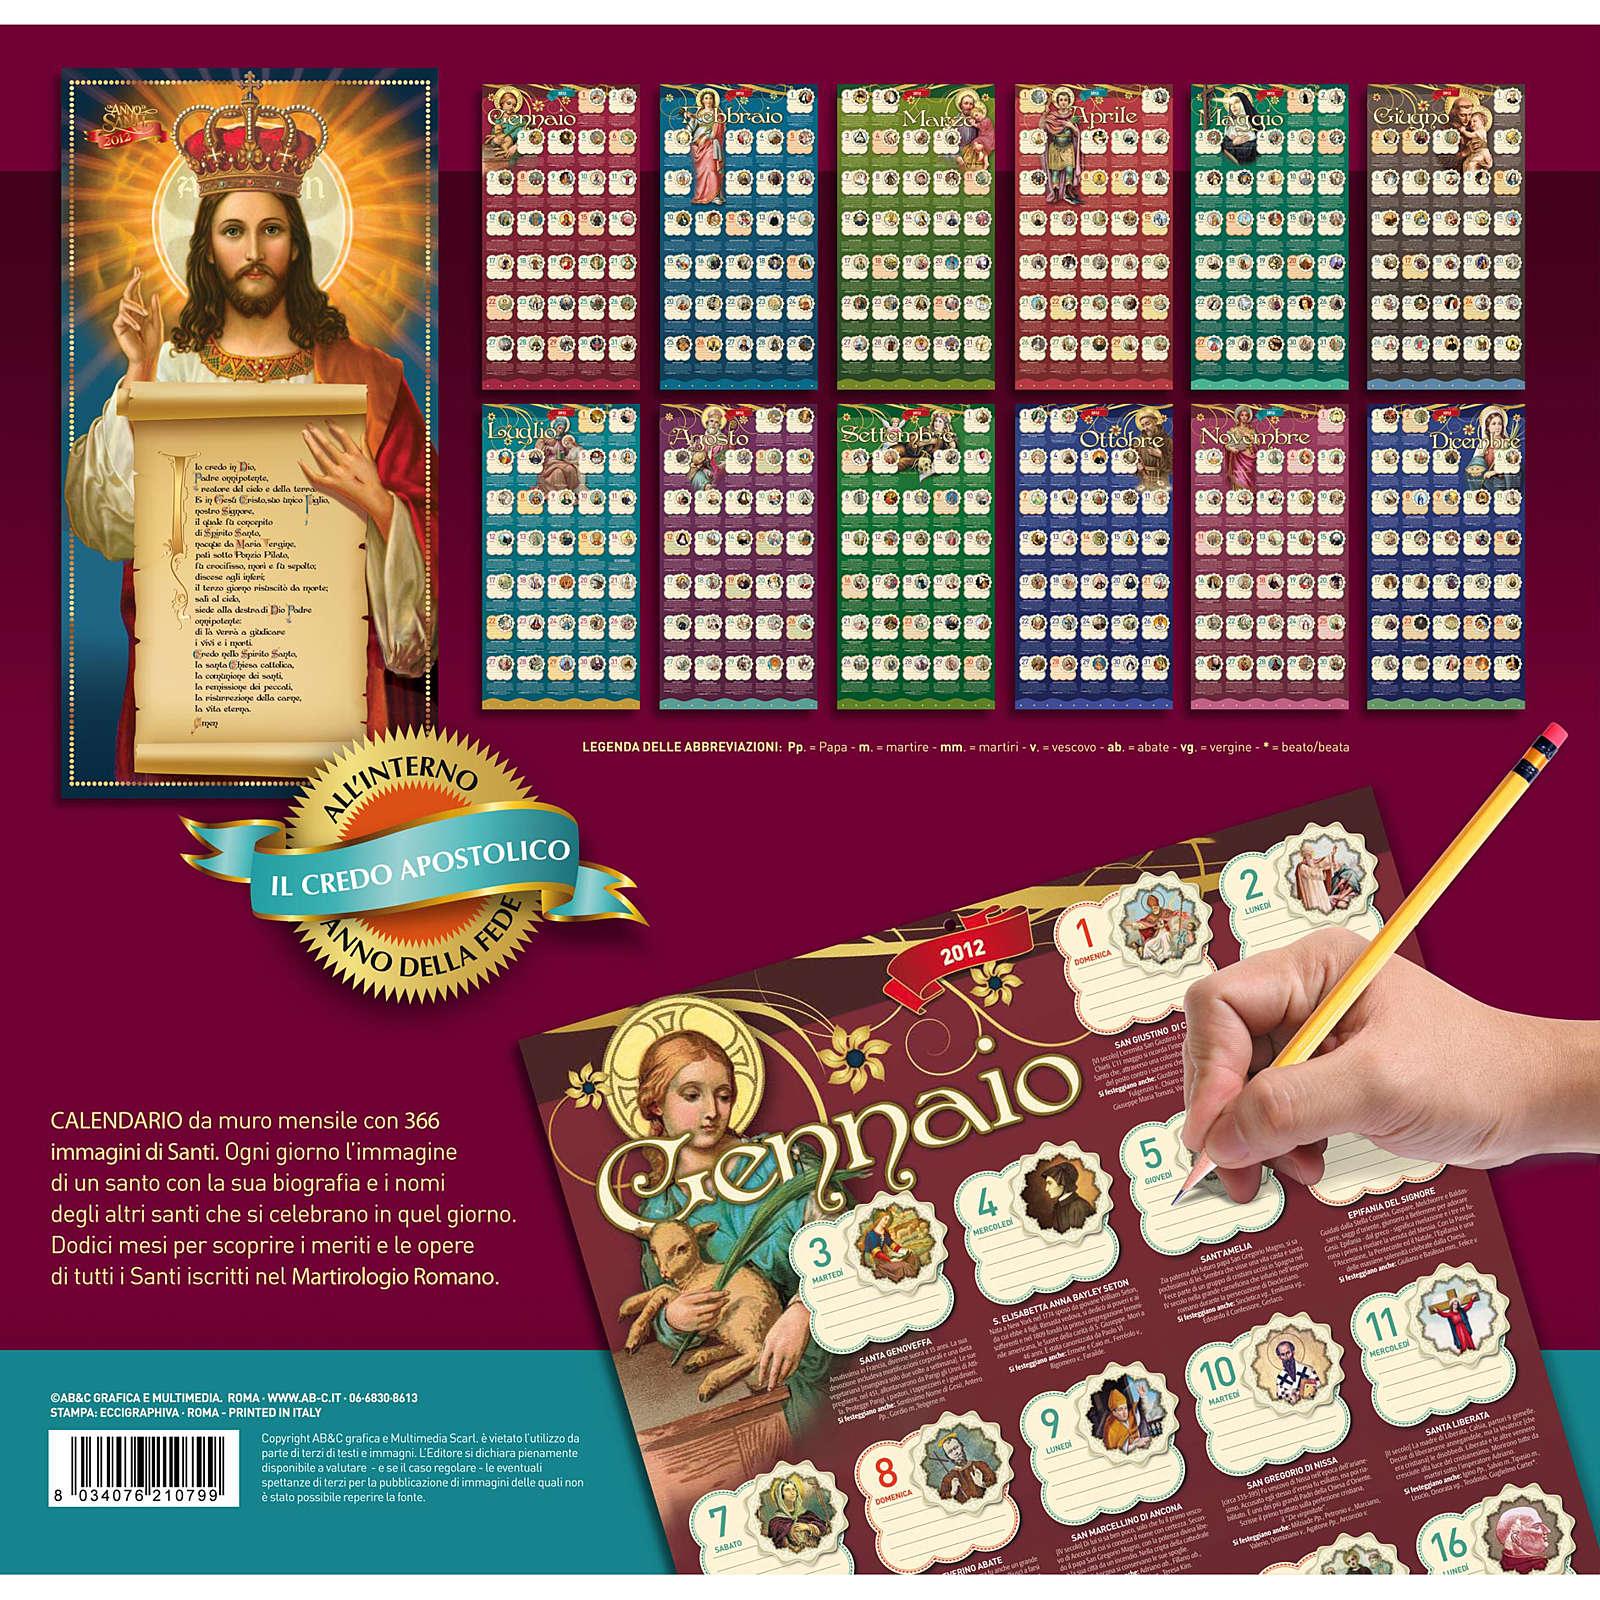 Calendario 2013 Un Anno di Santi 4